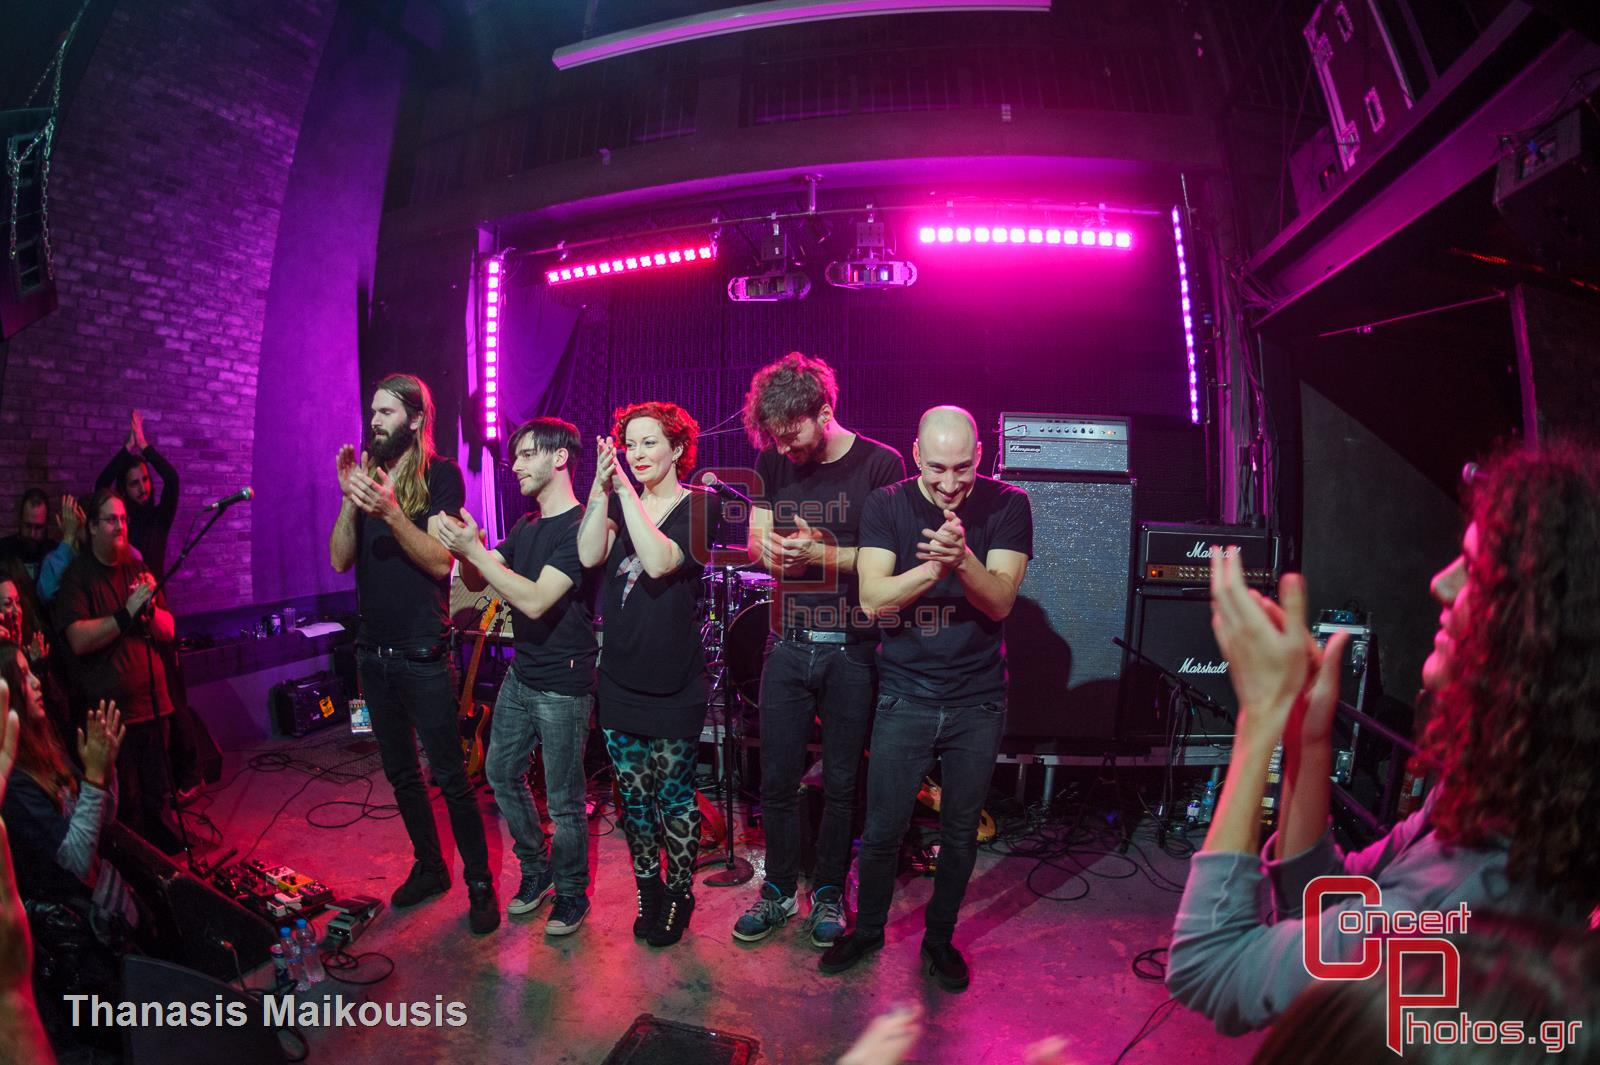 Anneke van Giersbergen-Anneke van Giersbergen photographer: Thanasis Maikousis - ConcertPhotos-0549